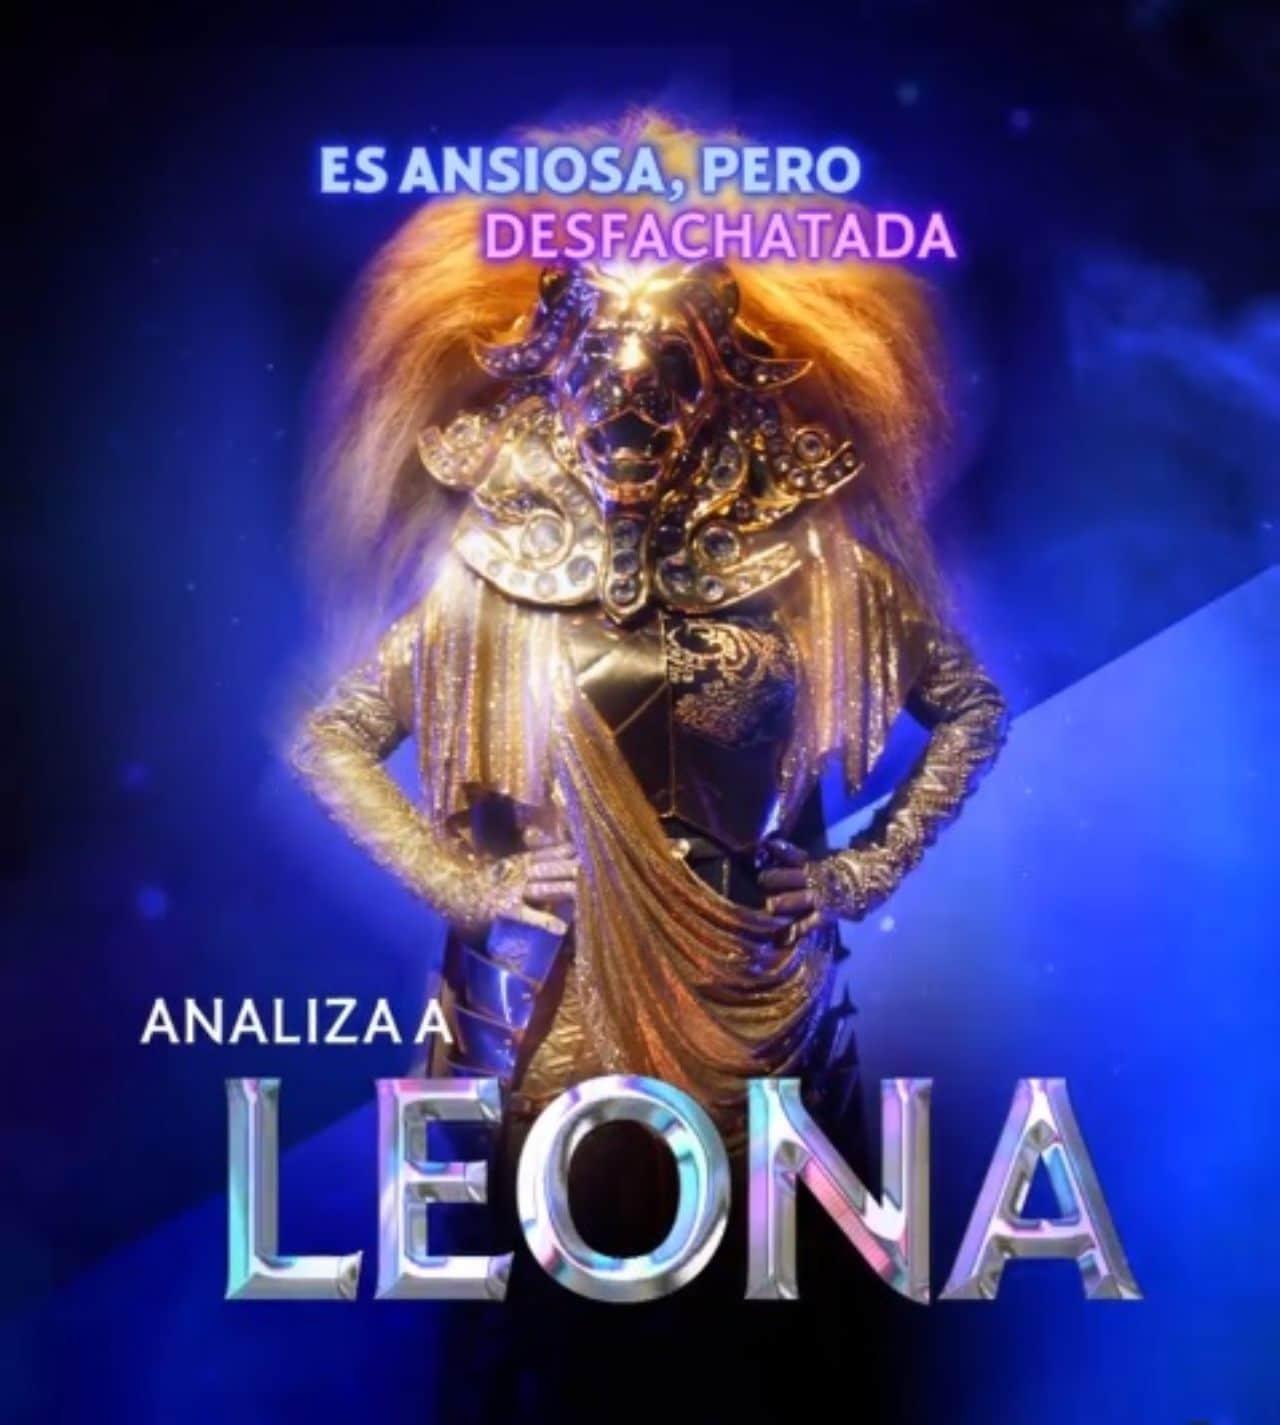 Leona en Quien es la mascara